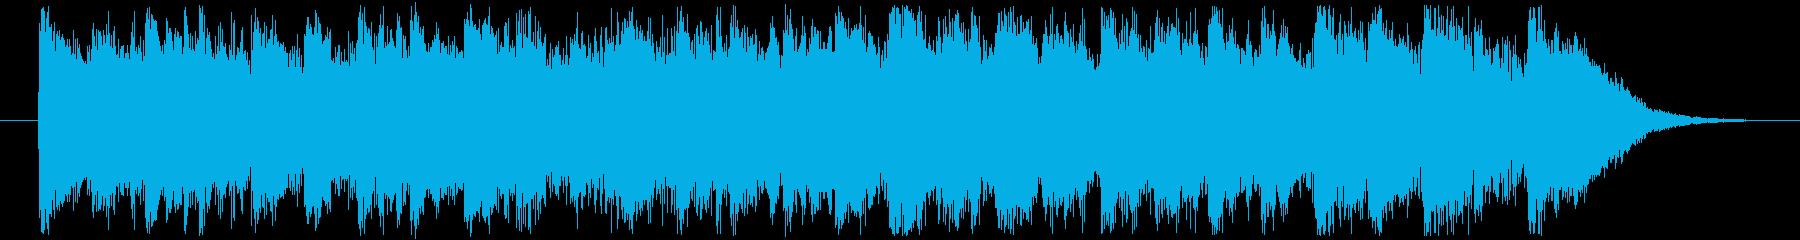 ジングルベル CMサイズの再生済みの波形